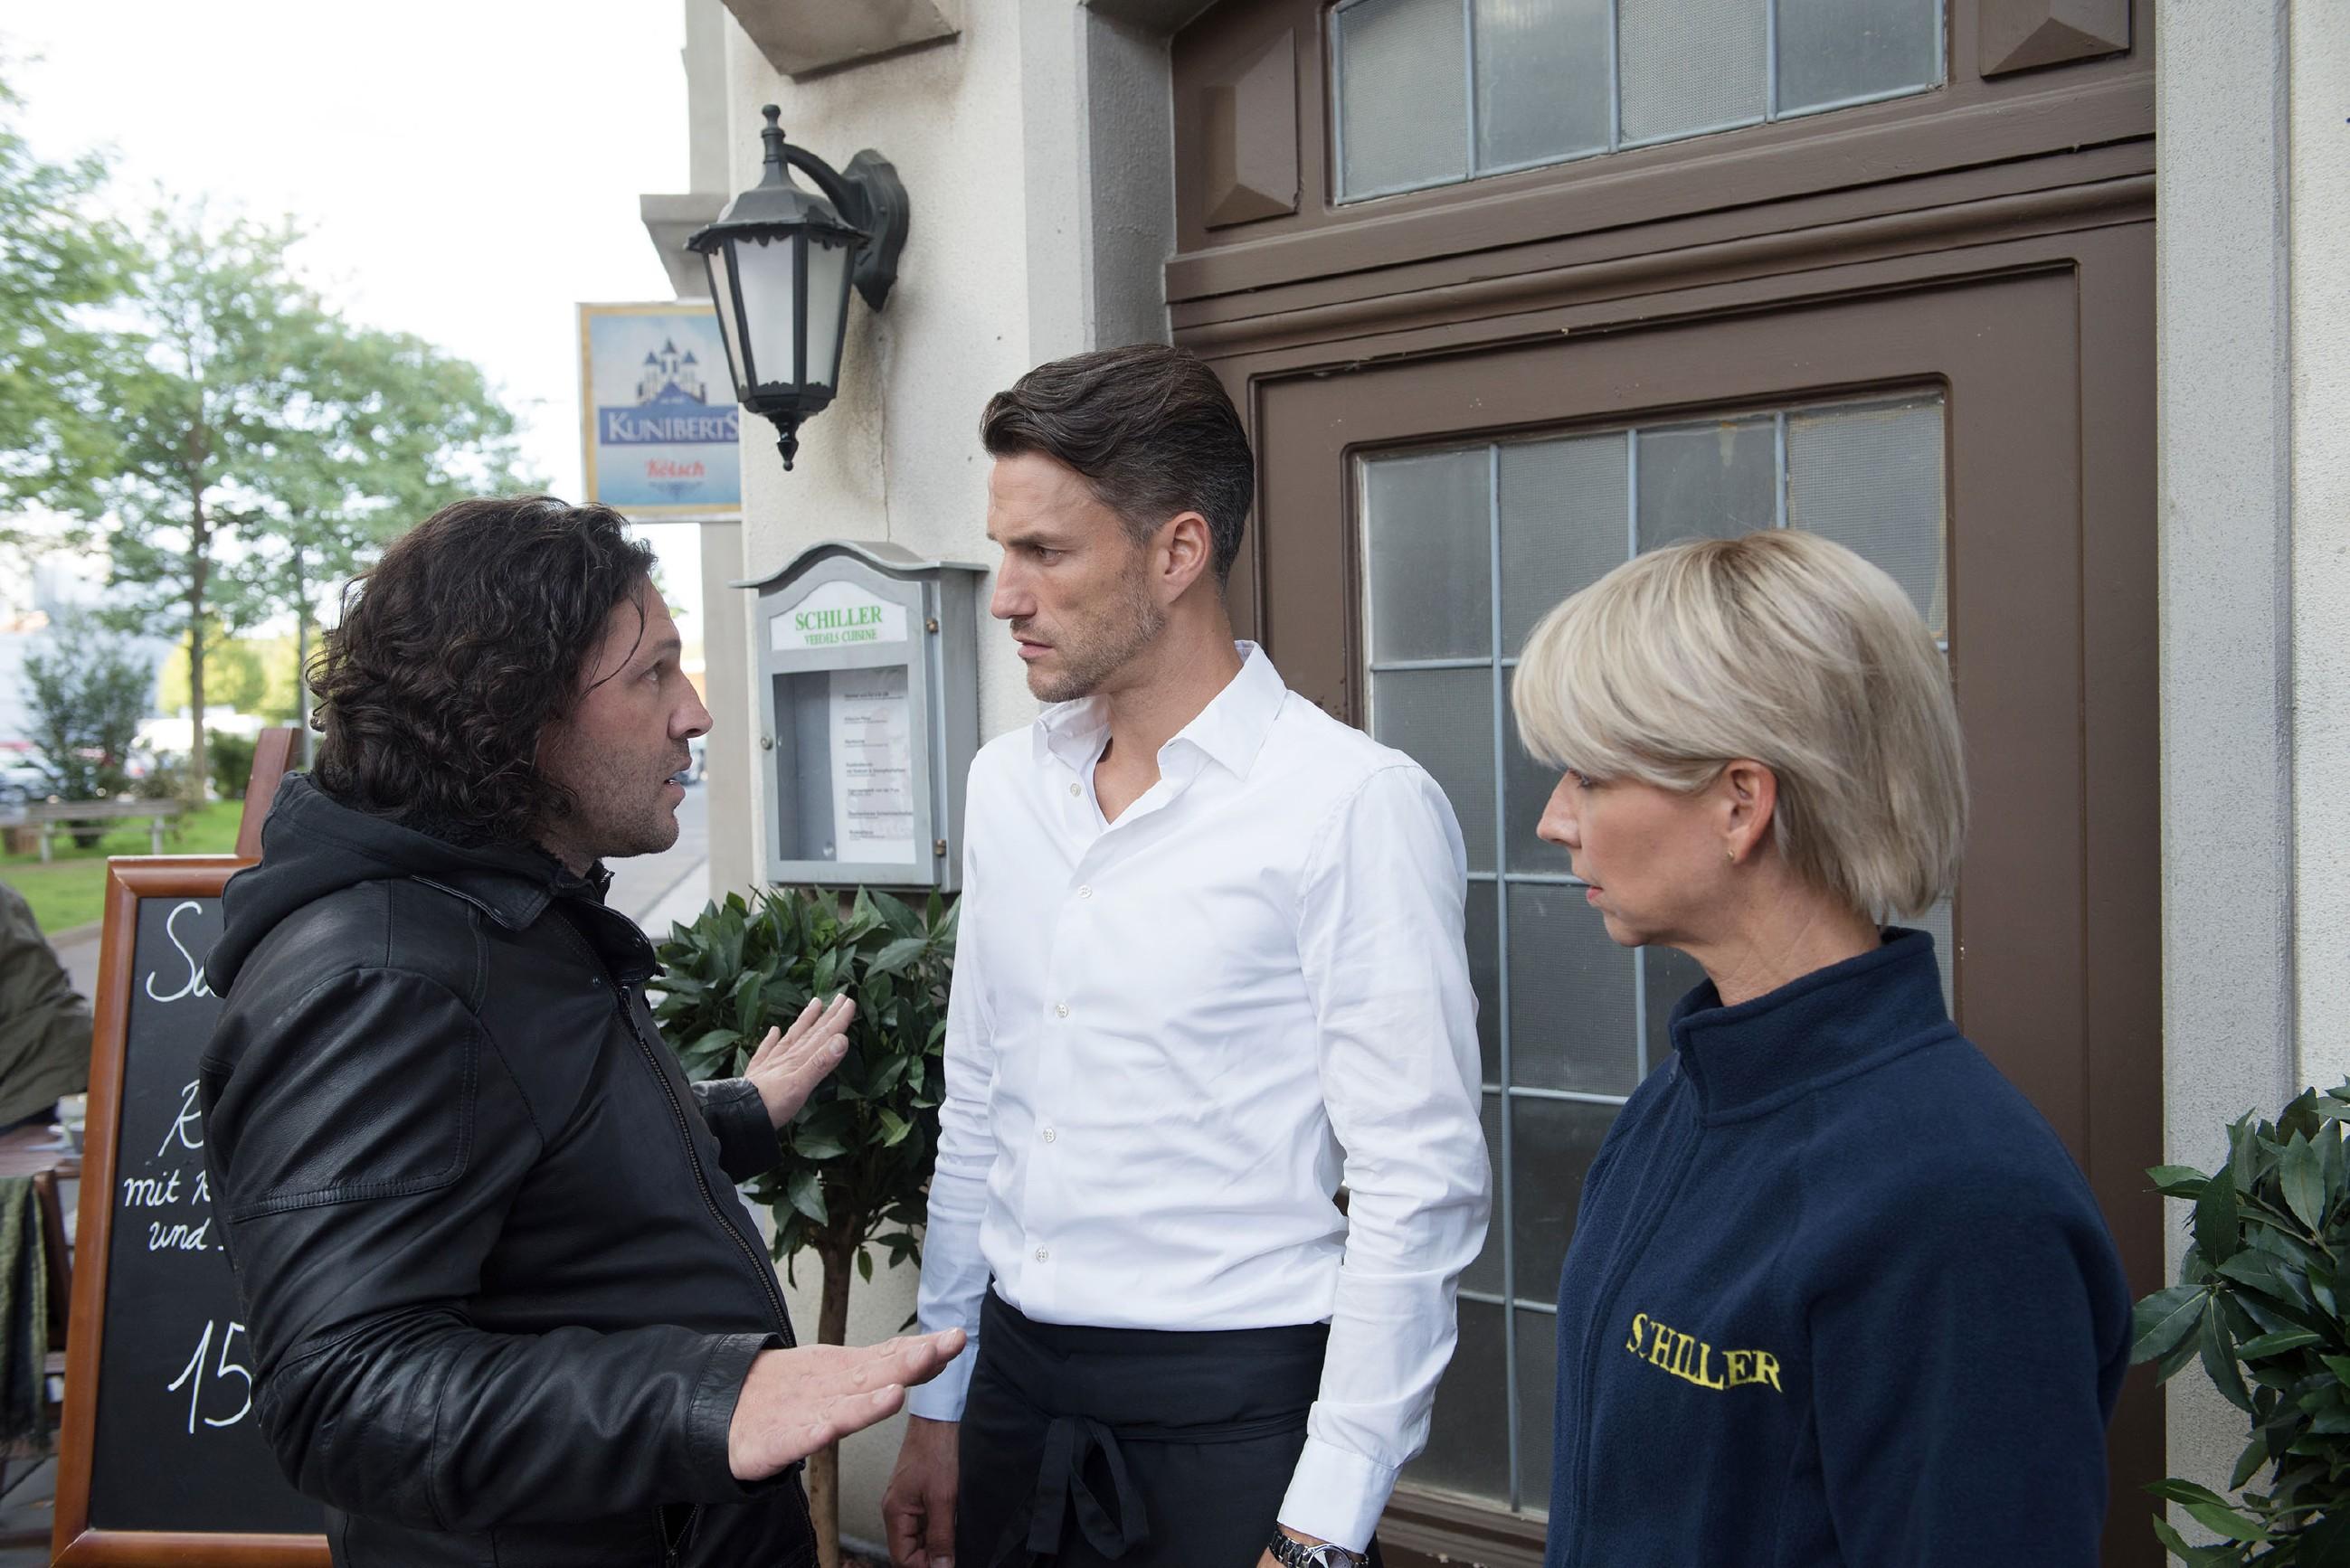 Rolf (Stefan Franz, l.) will die Demütigung durch Ute (Isabell Hertel) und Malte (Stefan Bockelmann) nicht einfach hinnehmen. (Quelle: RTL / Stefan Behrens)